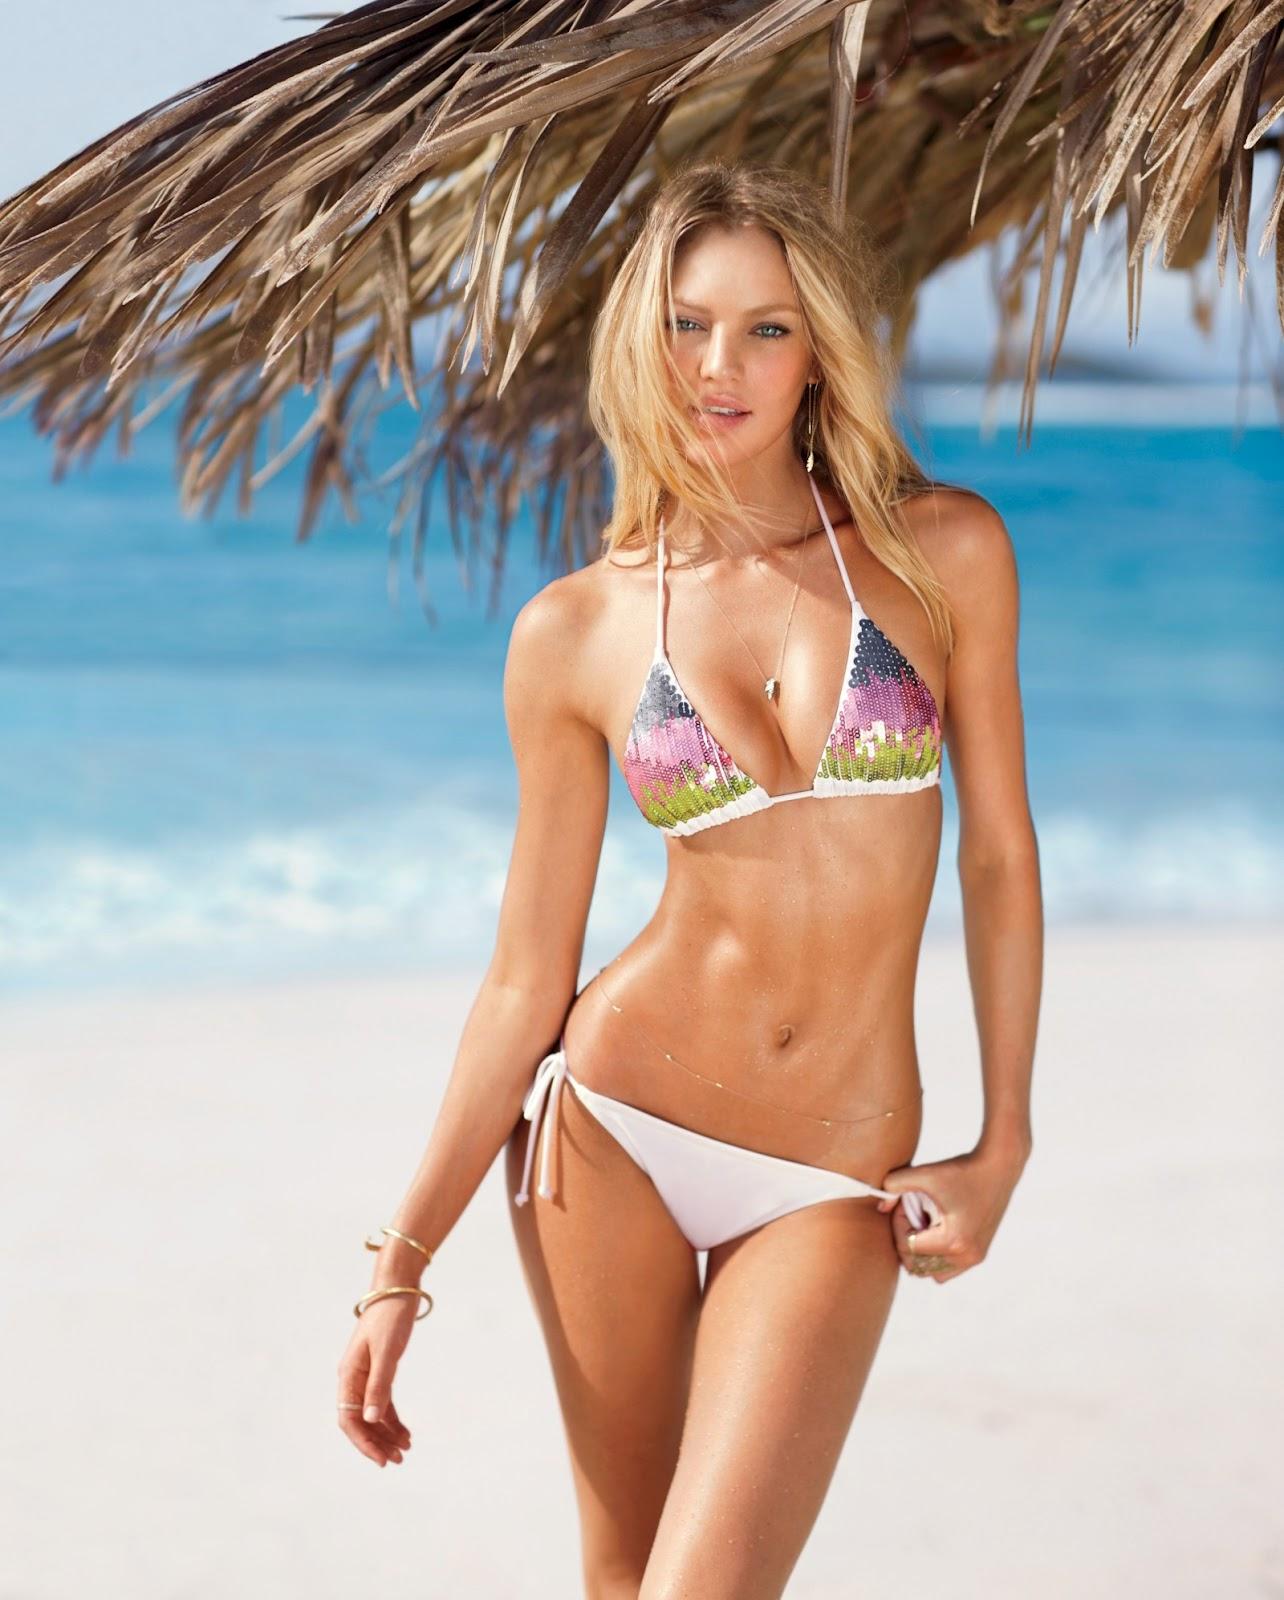 http://2.bp.blogspot.com/-RGNNqySujvE/T-tHppjZ7TI/AAAAAAAAGow/oacpFoFwJhU/s1600/candice_swanepoel_hot-bikini-wallpaper-naked+(5).jpg